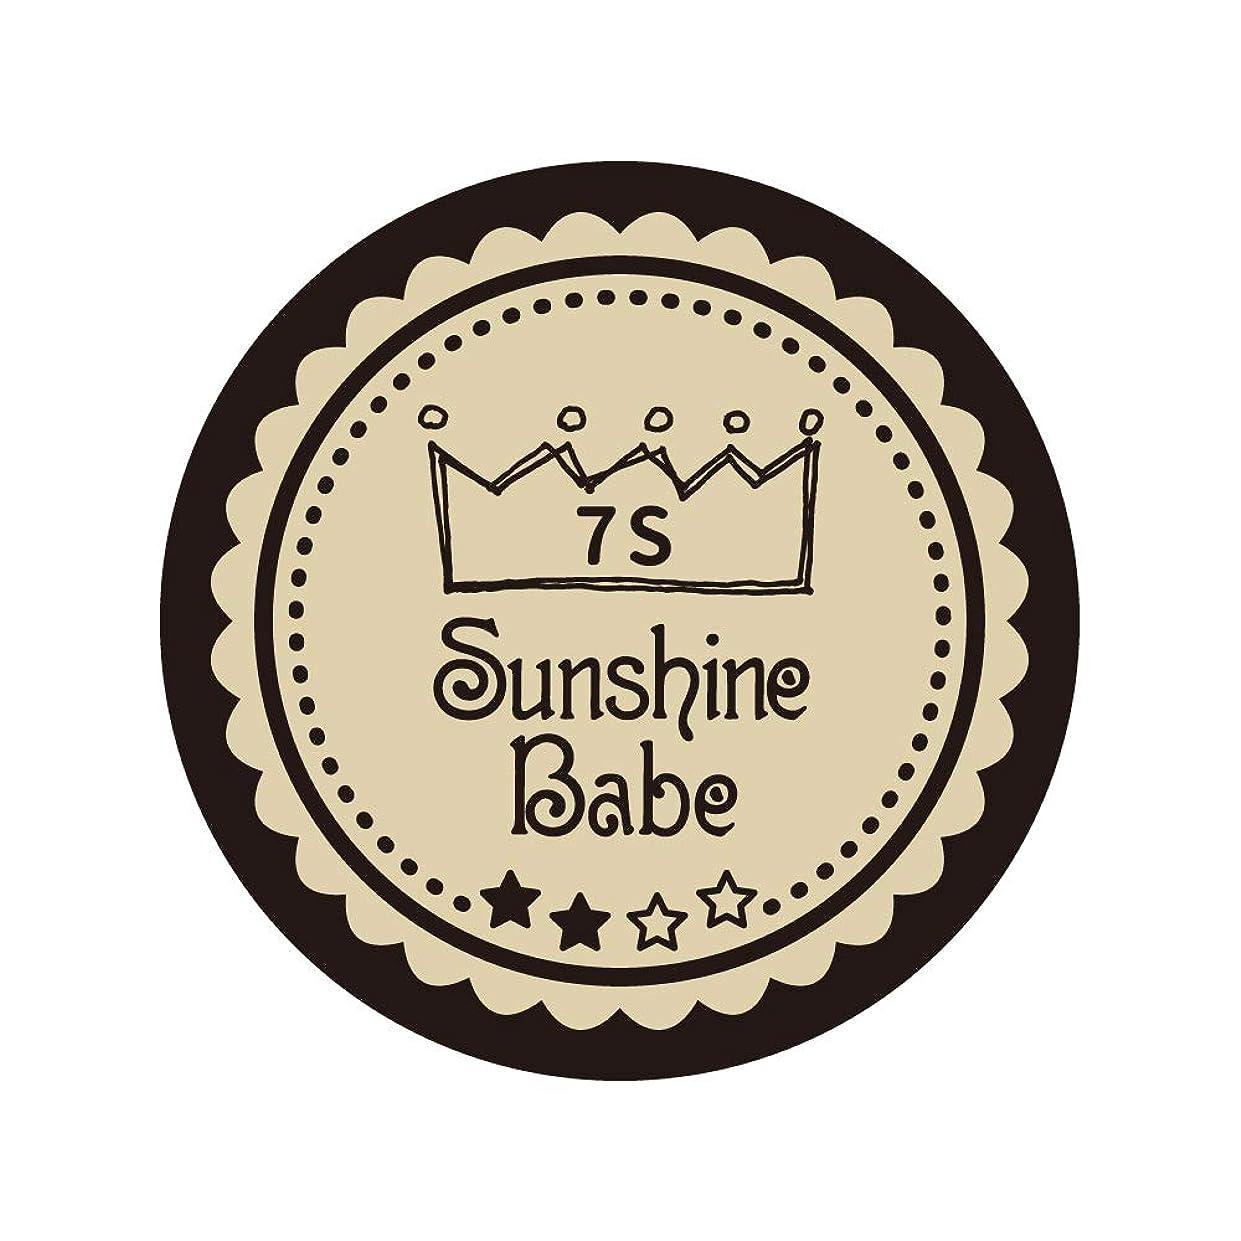 天のまだら拾うSunshine Babe コスメティックカラー 7S ウォームサンド 4g UV/LED対応